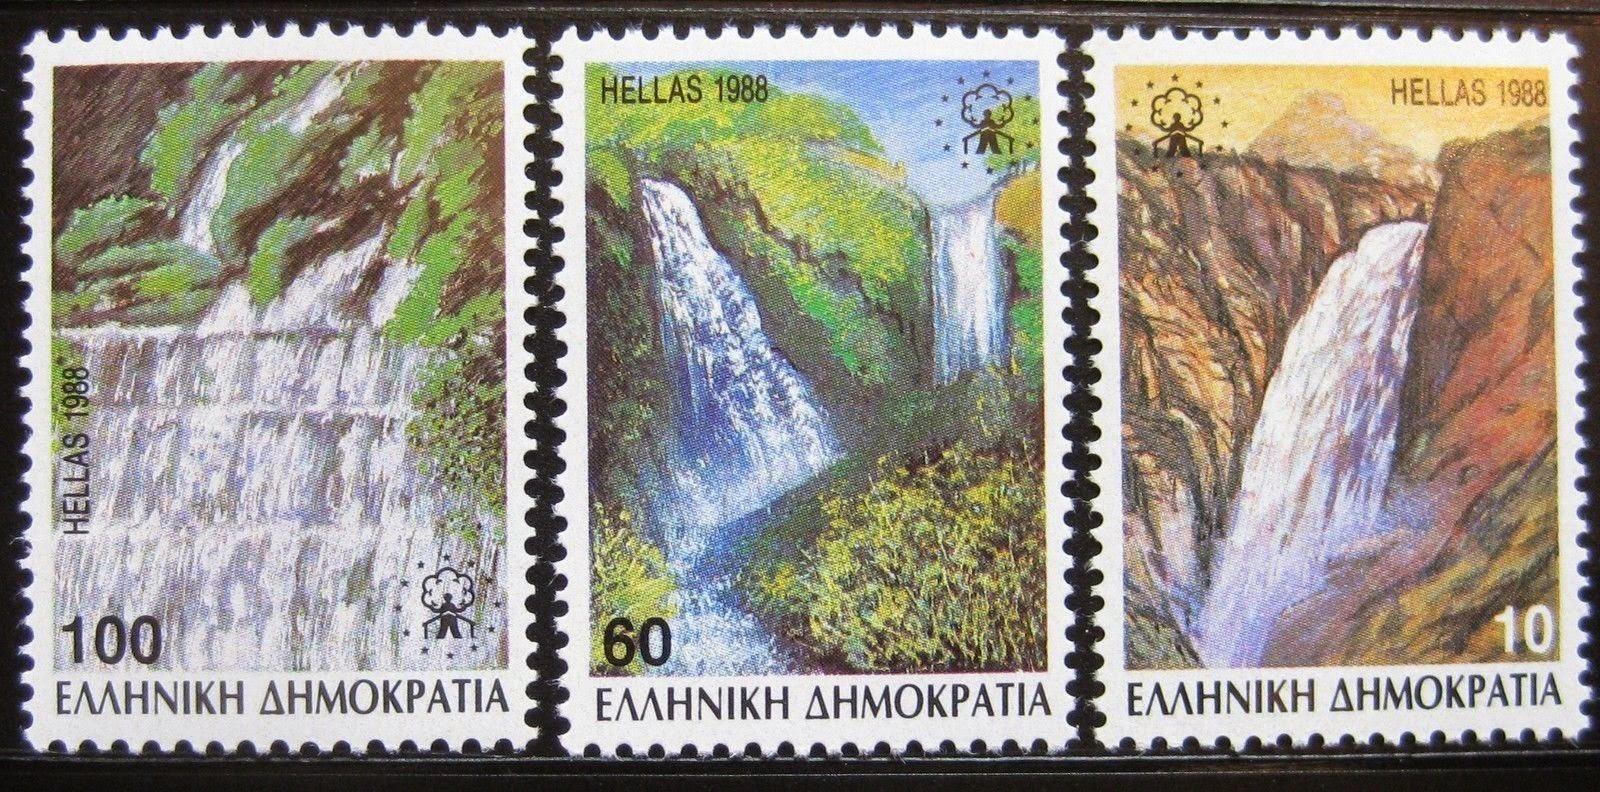 Οι καταρράκτες της Έδεσσας σε σειρά γραμματοσήμων του 1988